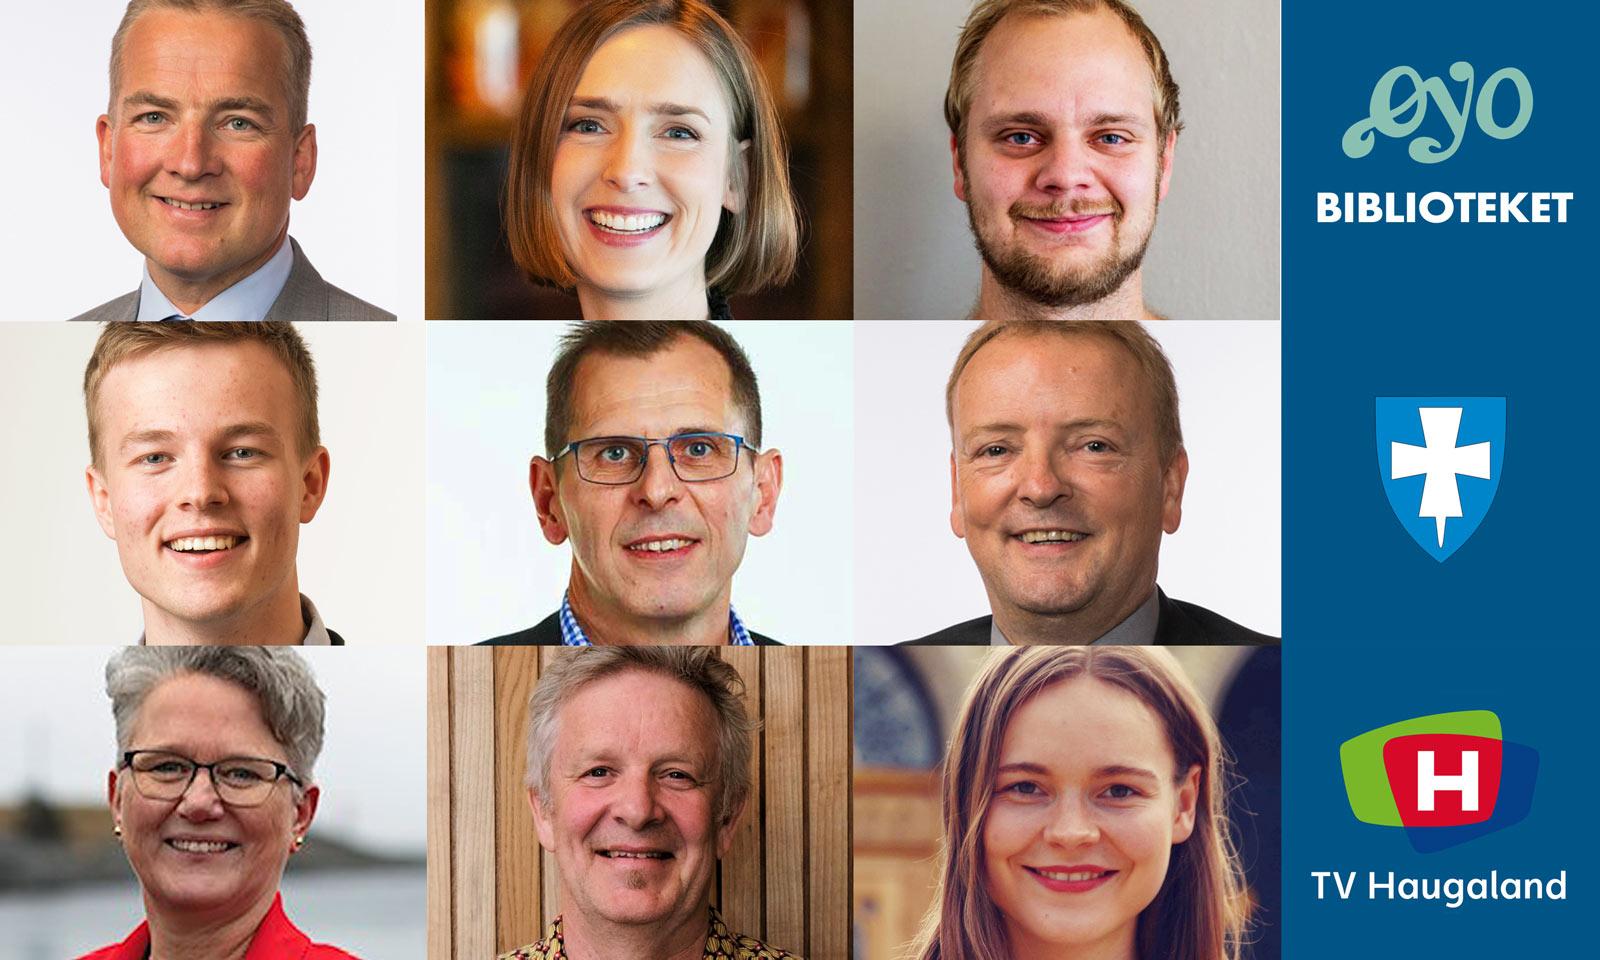 Montasje av ni politikere med logoer for Øyo, Rogaland fylkeskommune og TV-Haugaland.